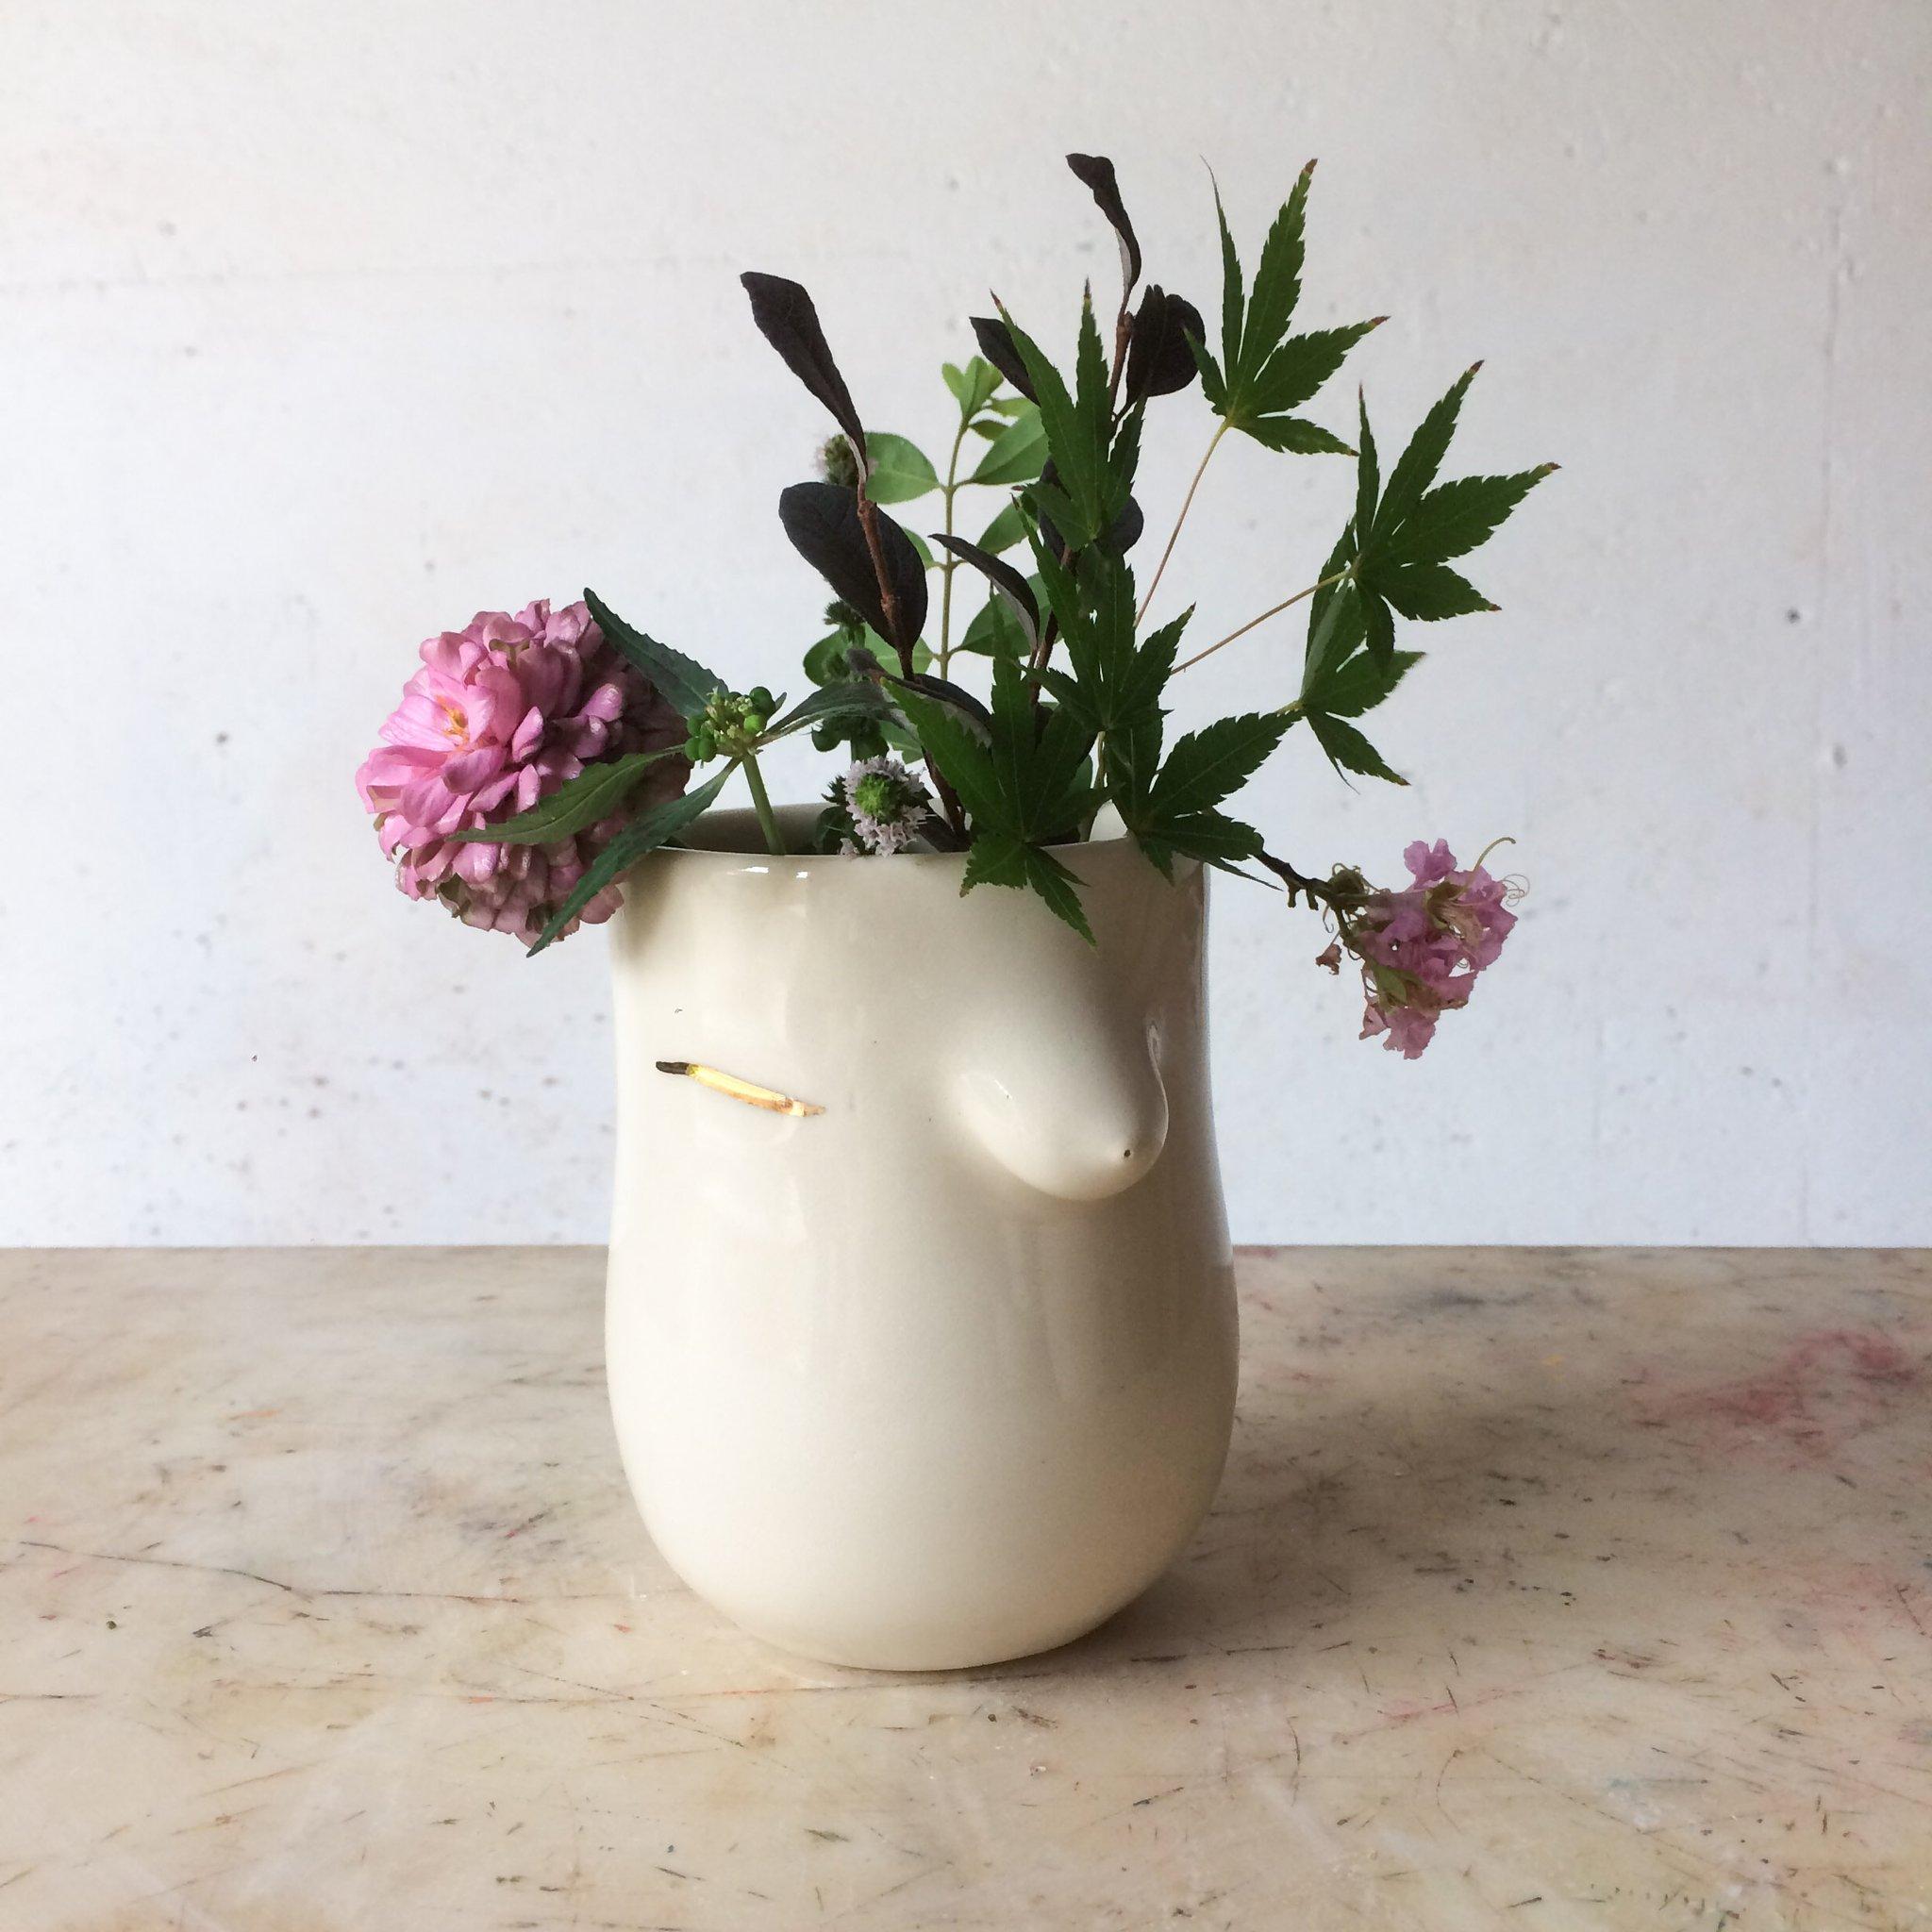 rose grown